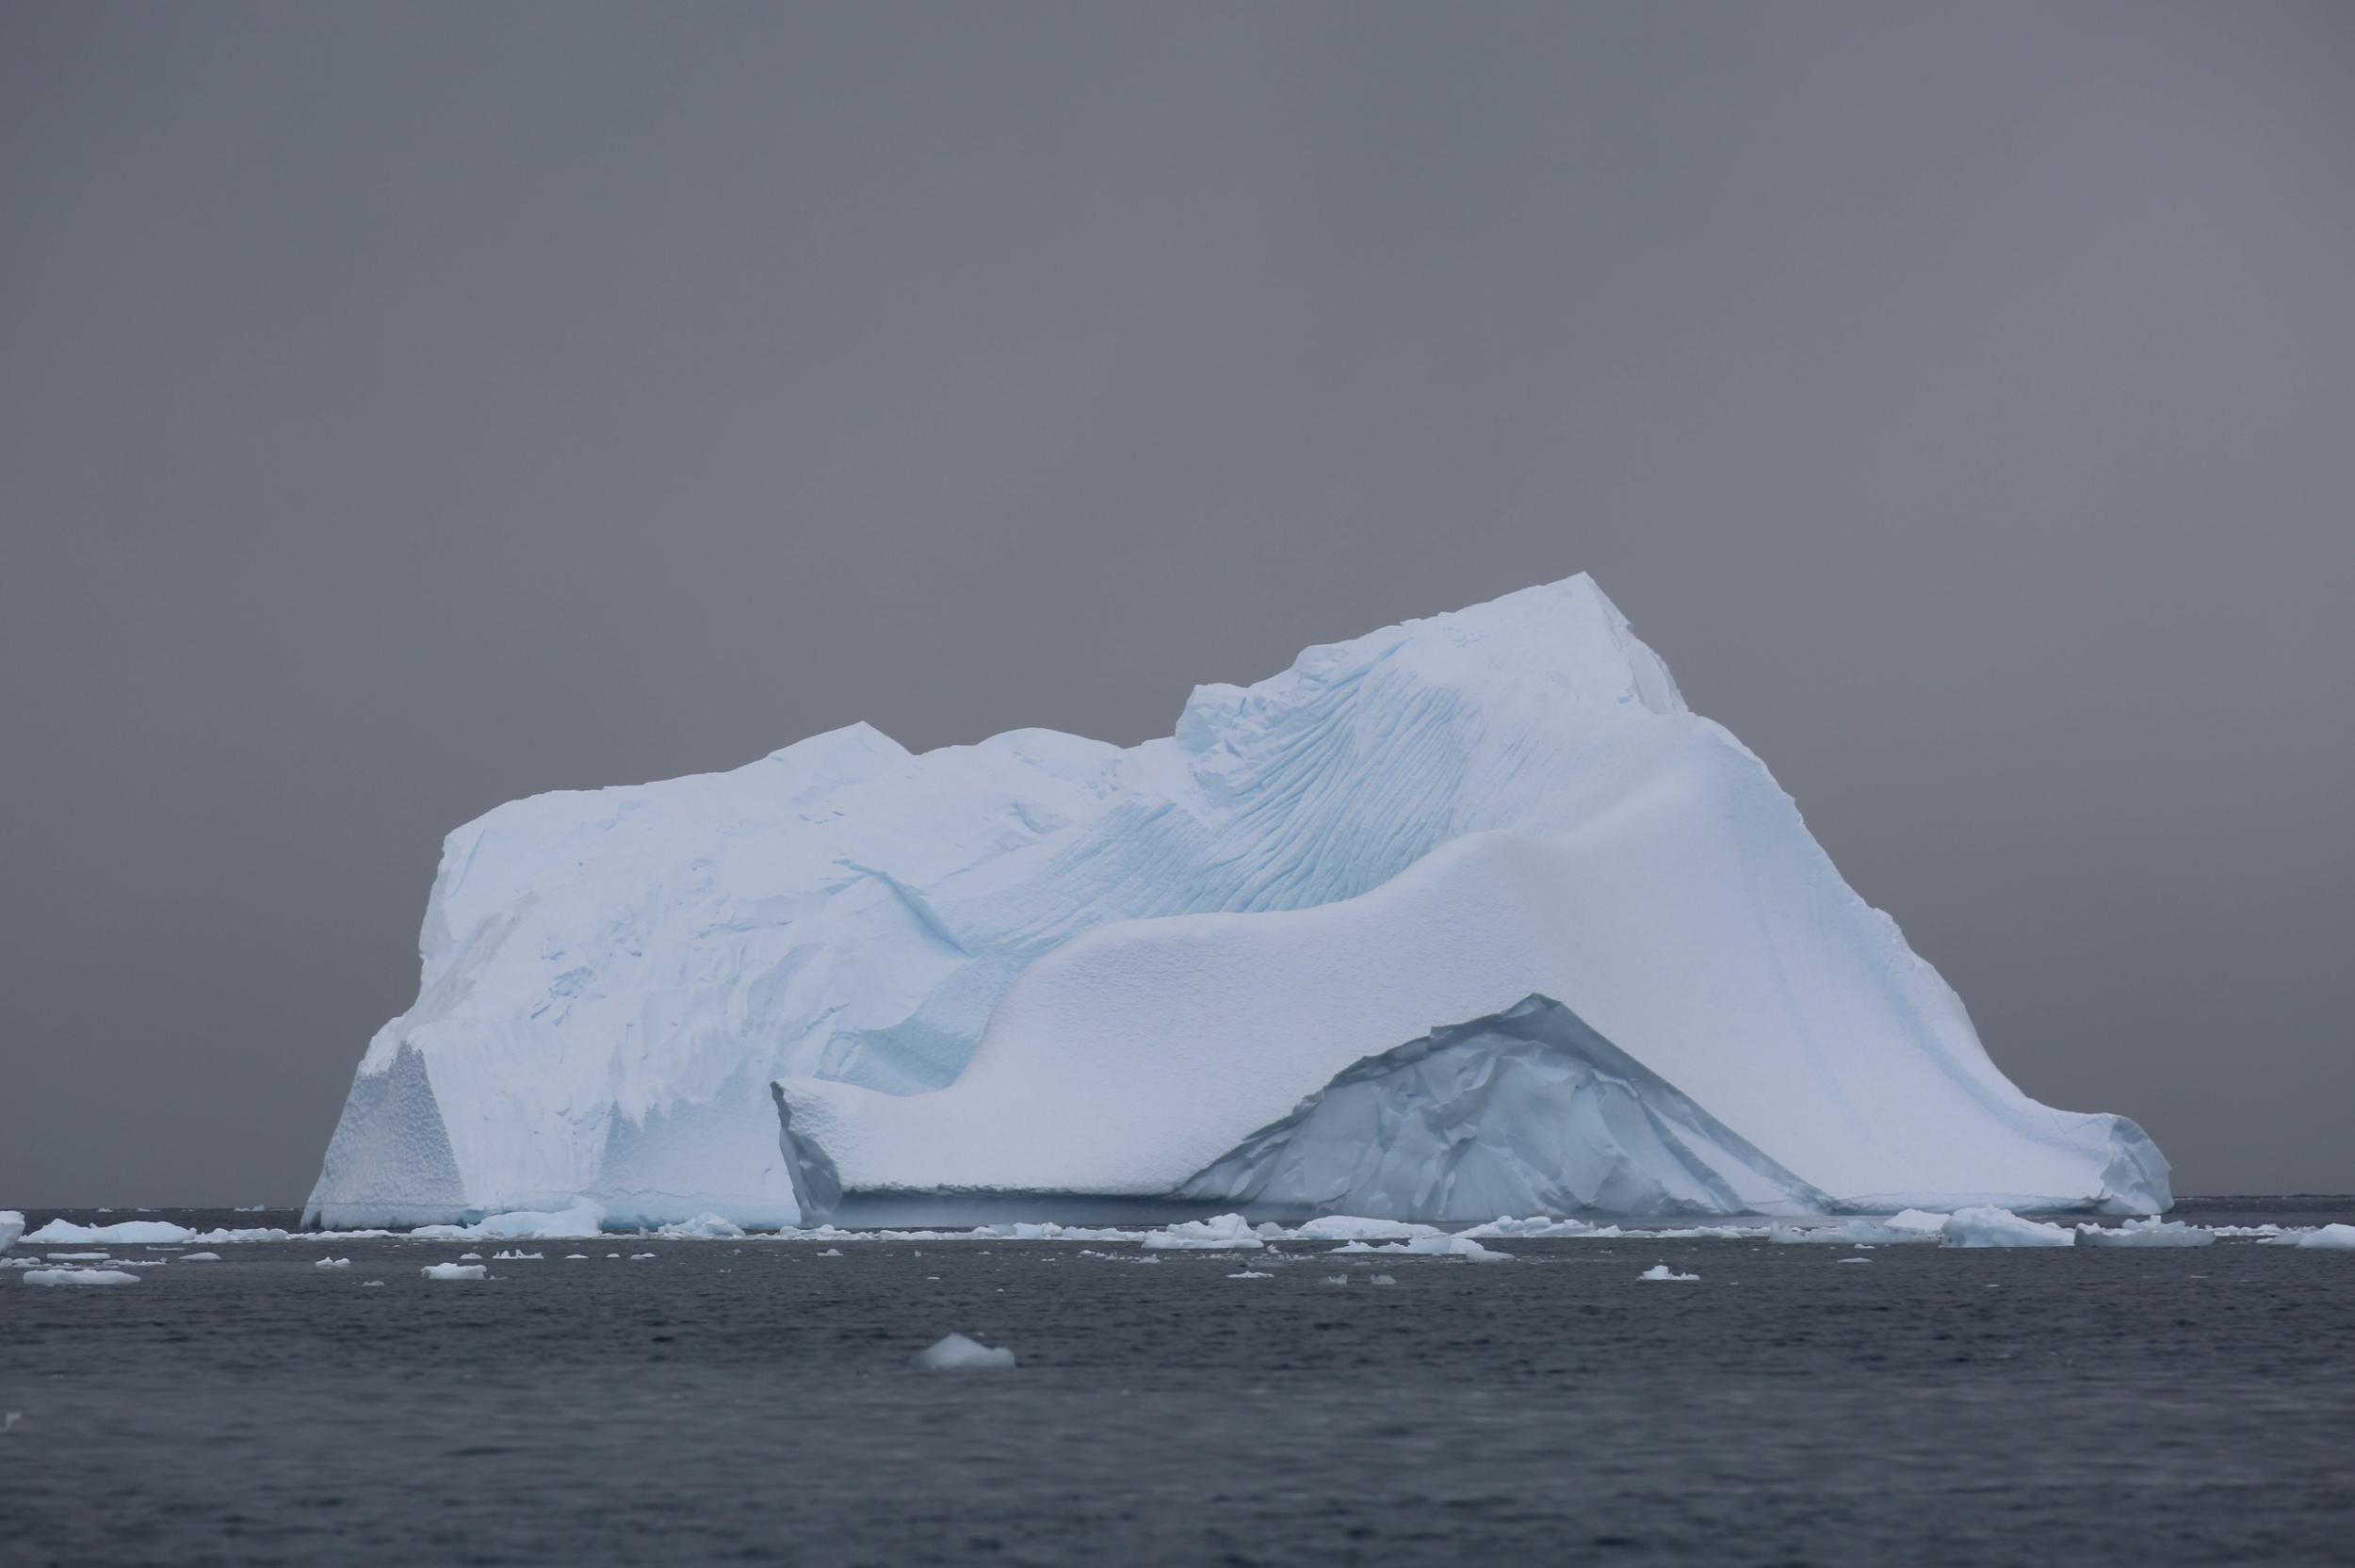 Ciervo Cove, Antarctica